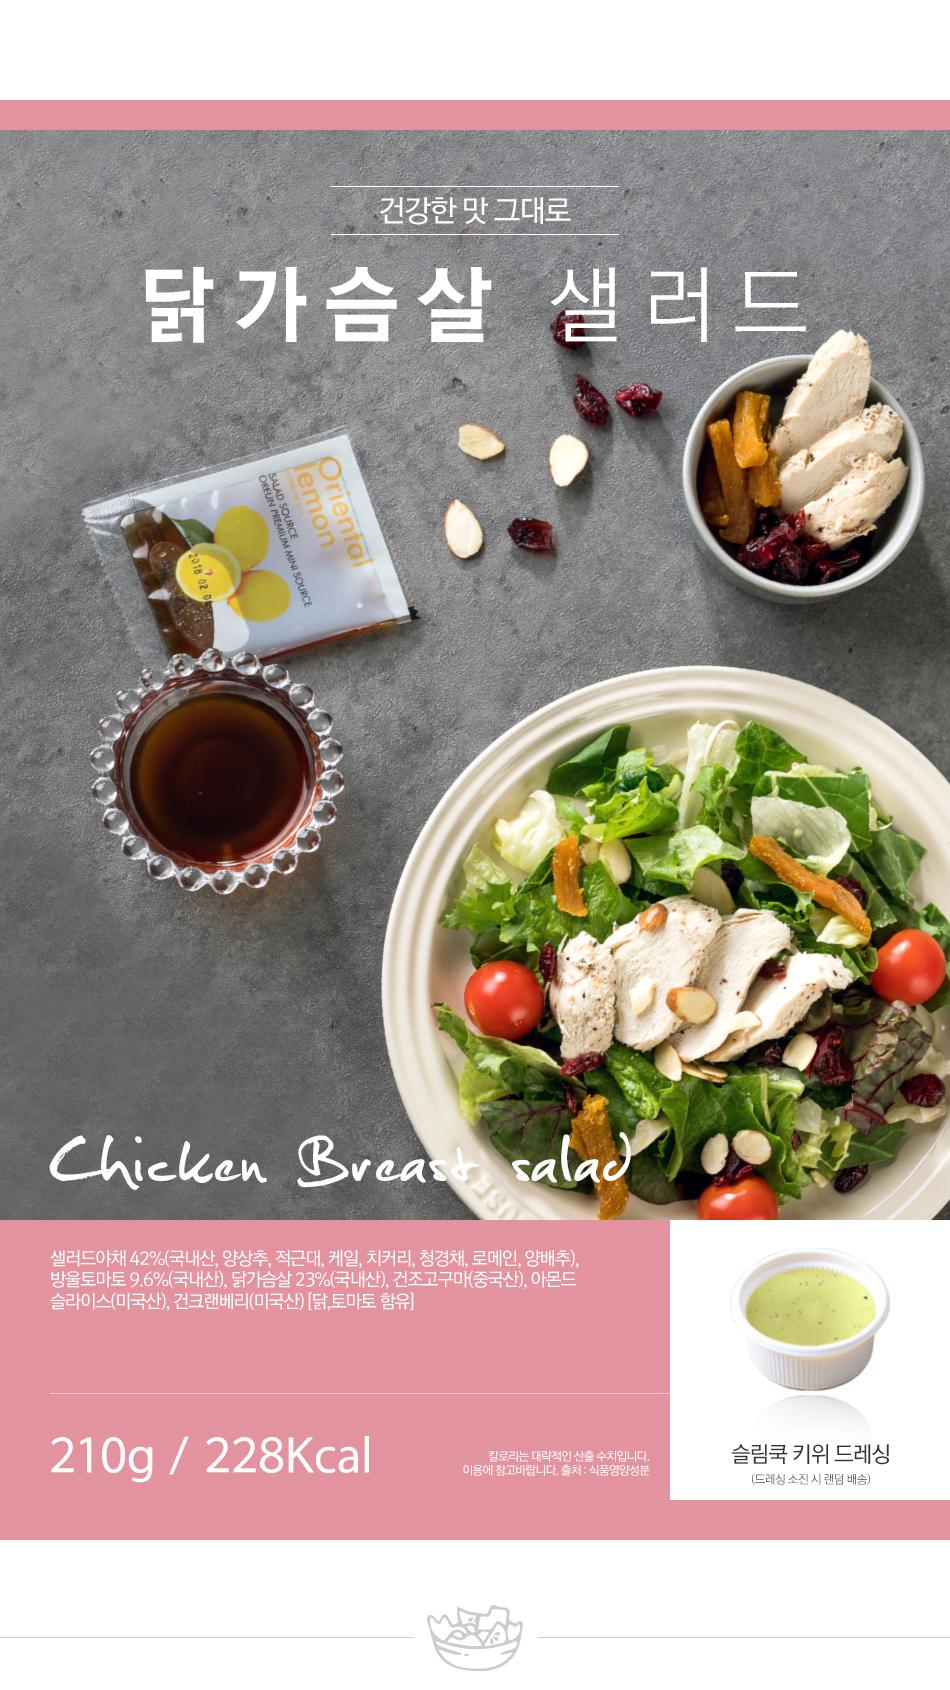 슬림쿡 샐러드 닭가슴살